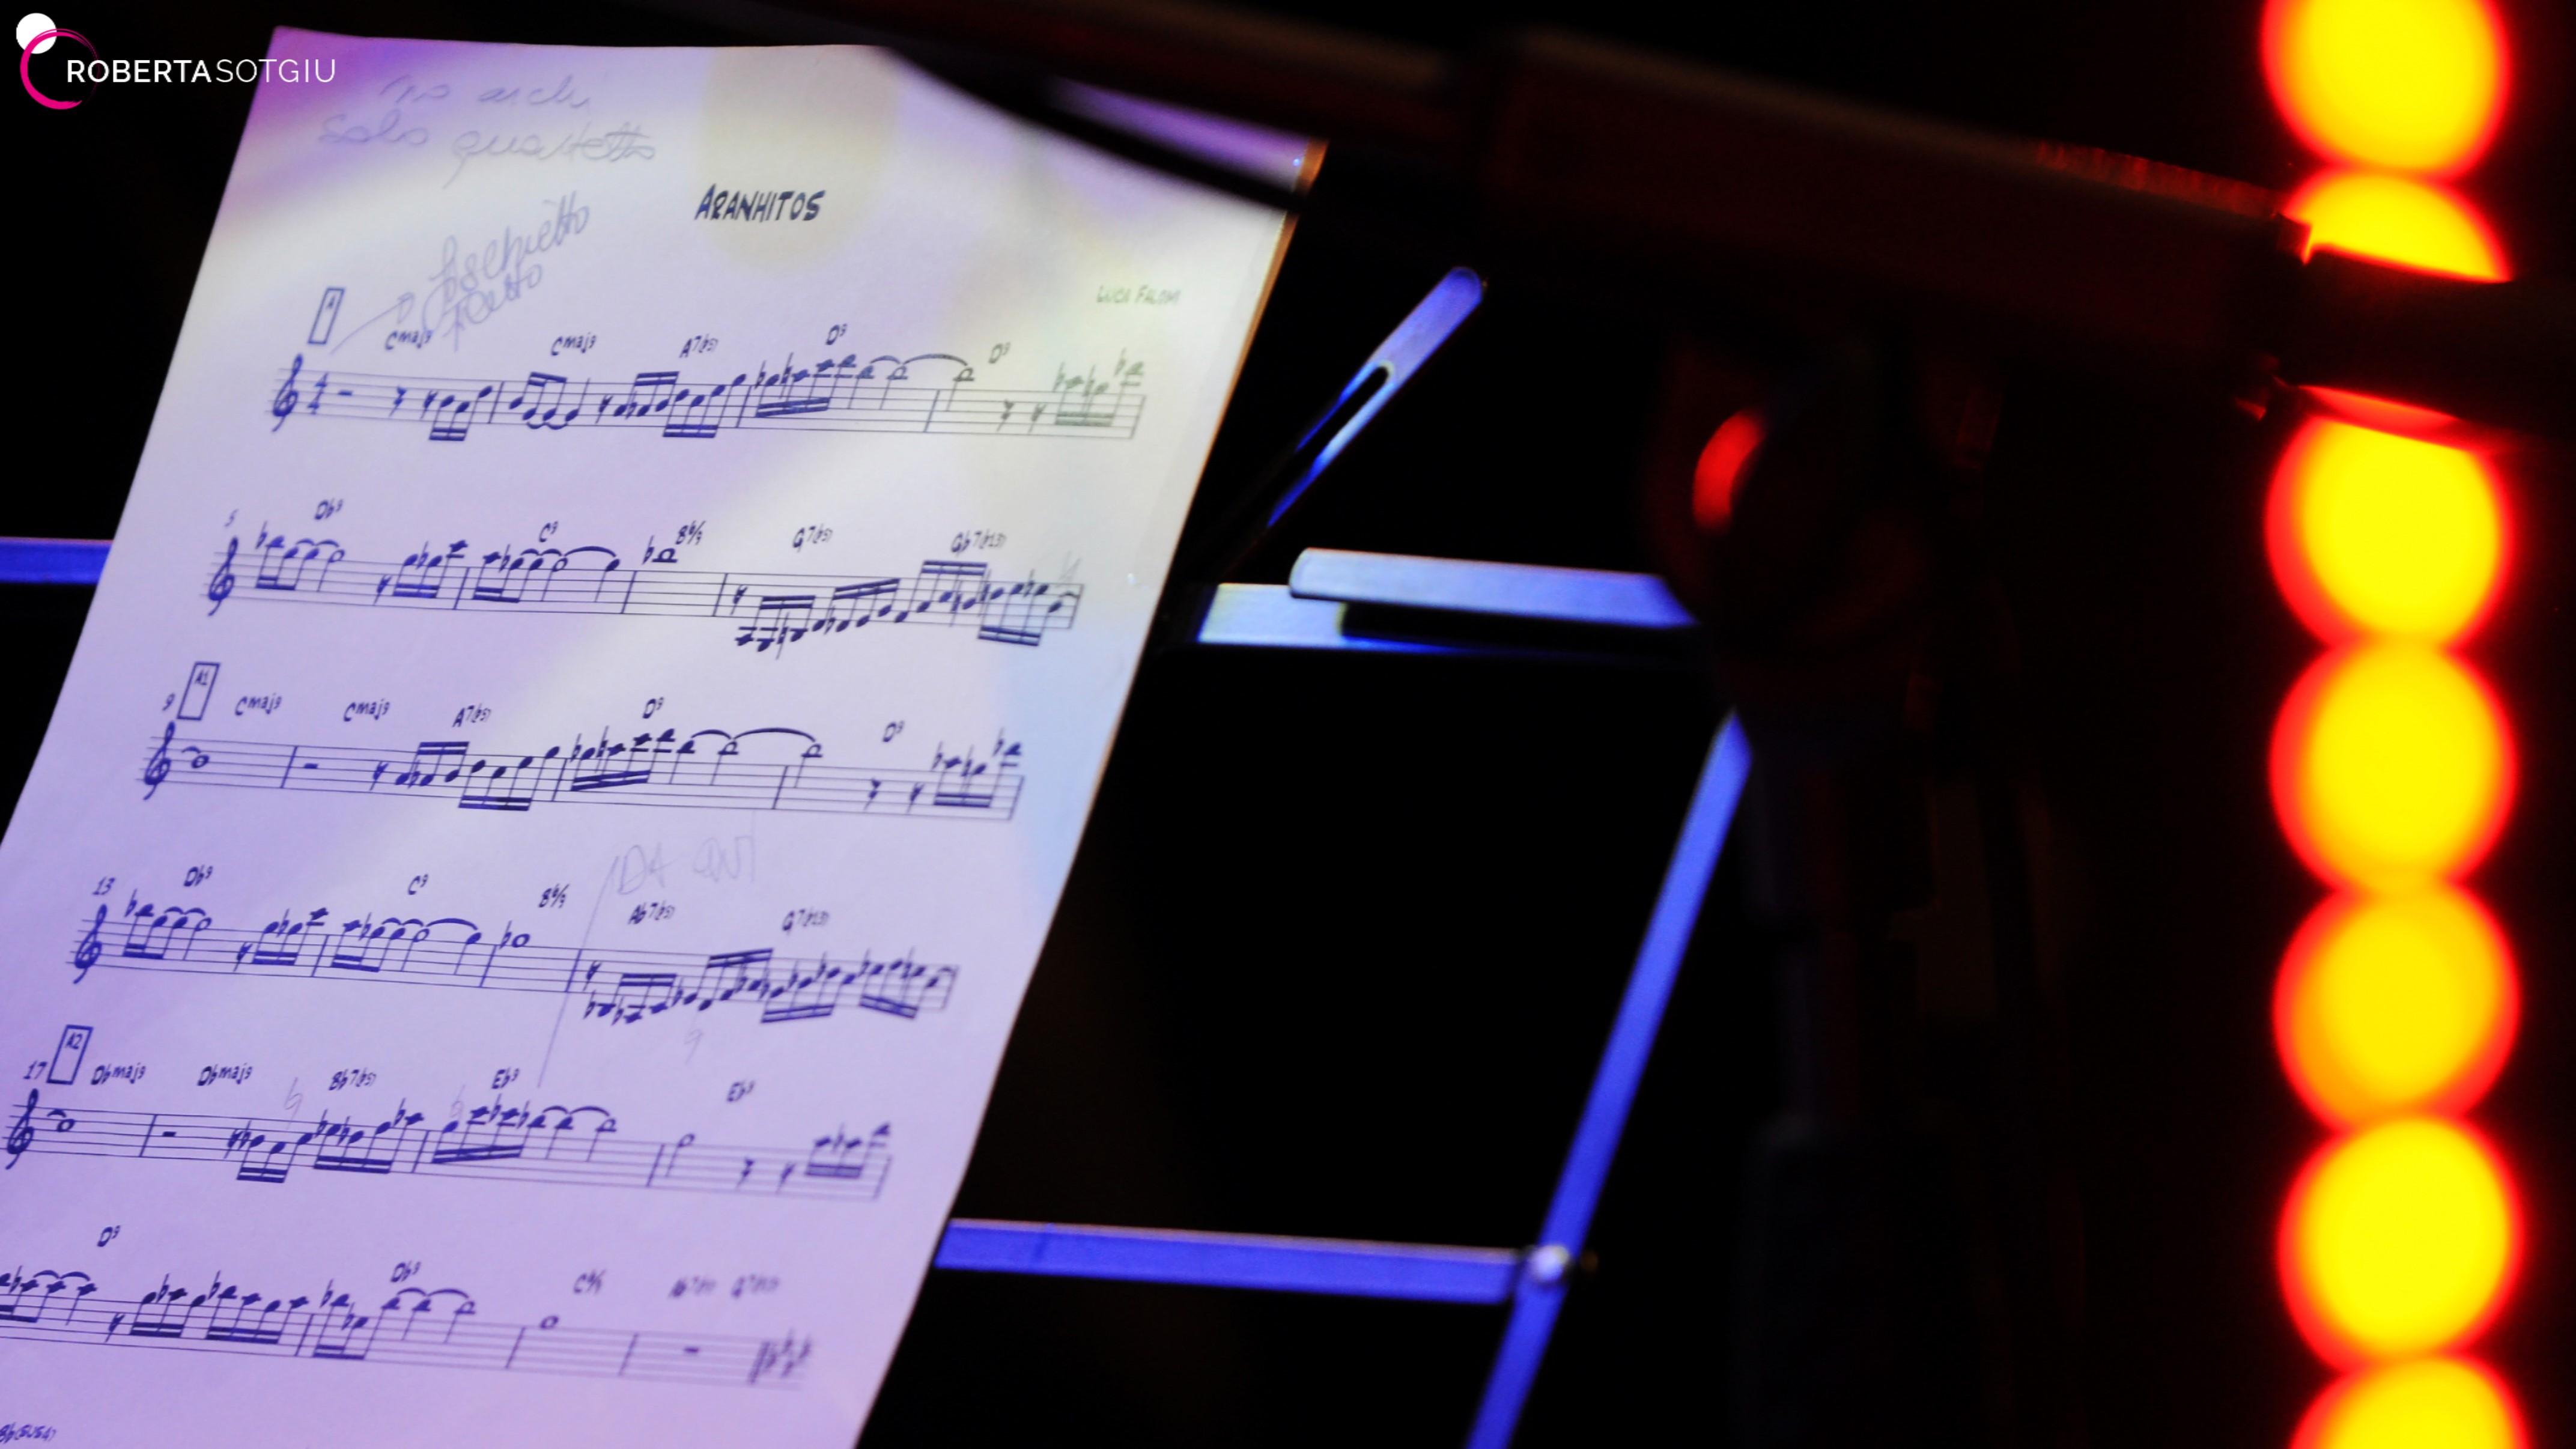 Acoustic Night – 8 novembre 2014 – La Claque, Genova